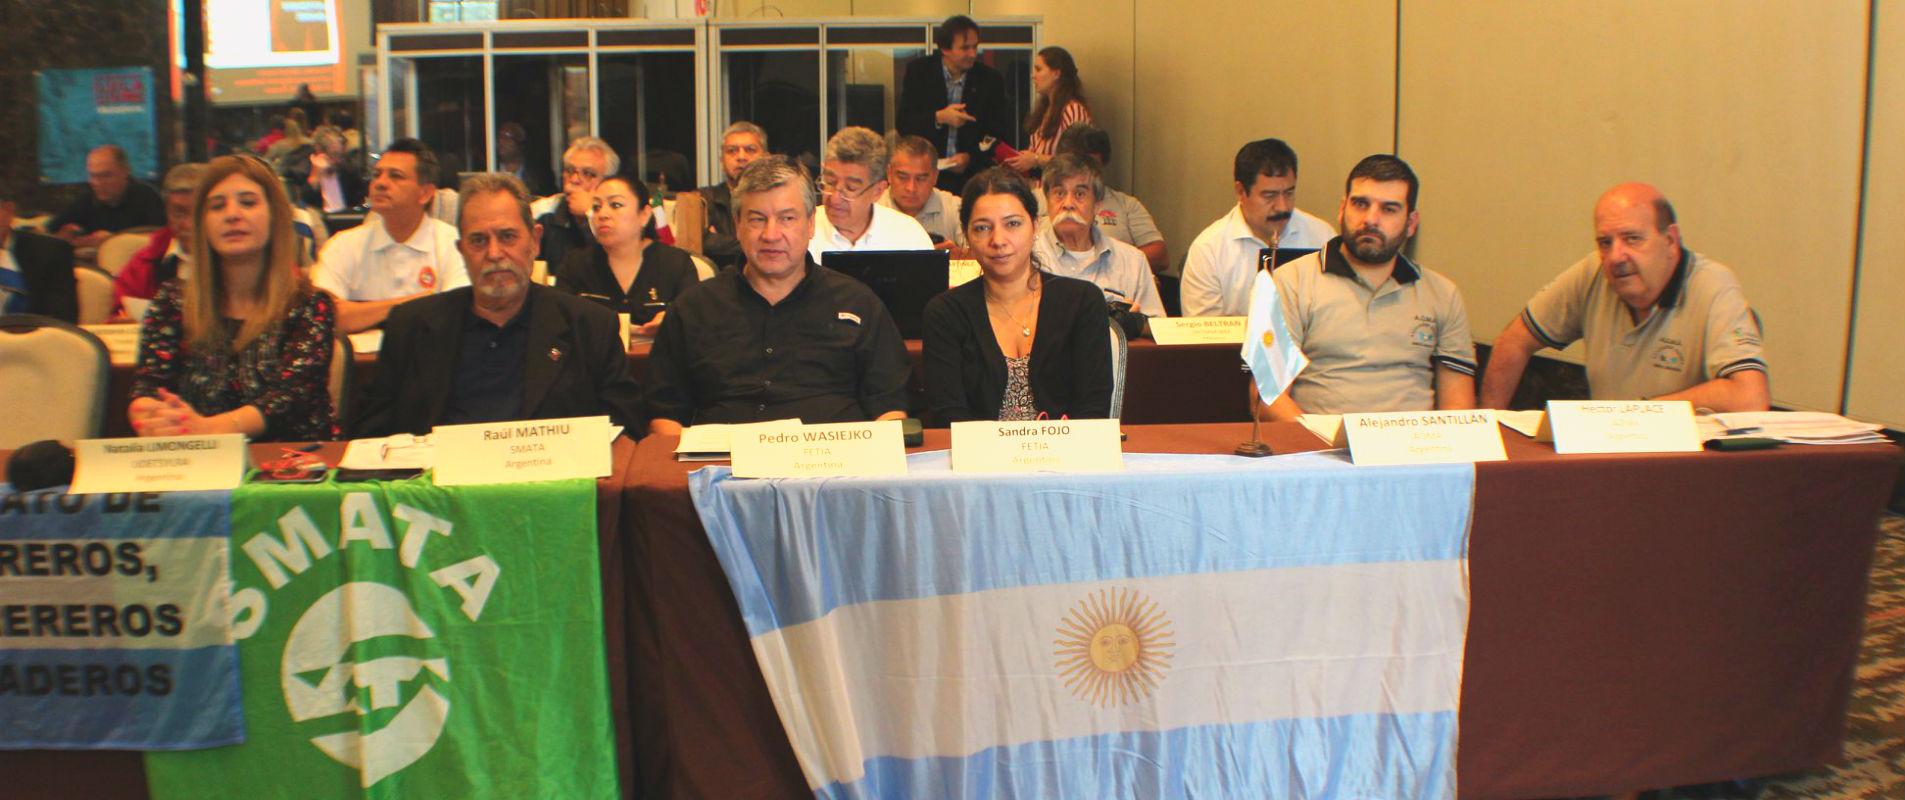 Raul Mathius de SMATA, Pedro Wasiejko y Sandra Fojo de FeTIA